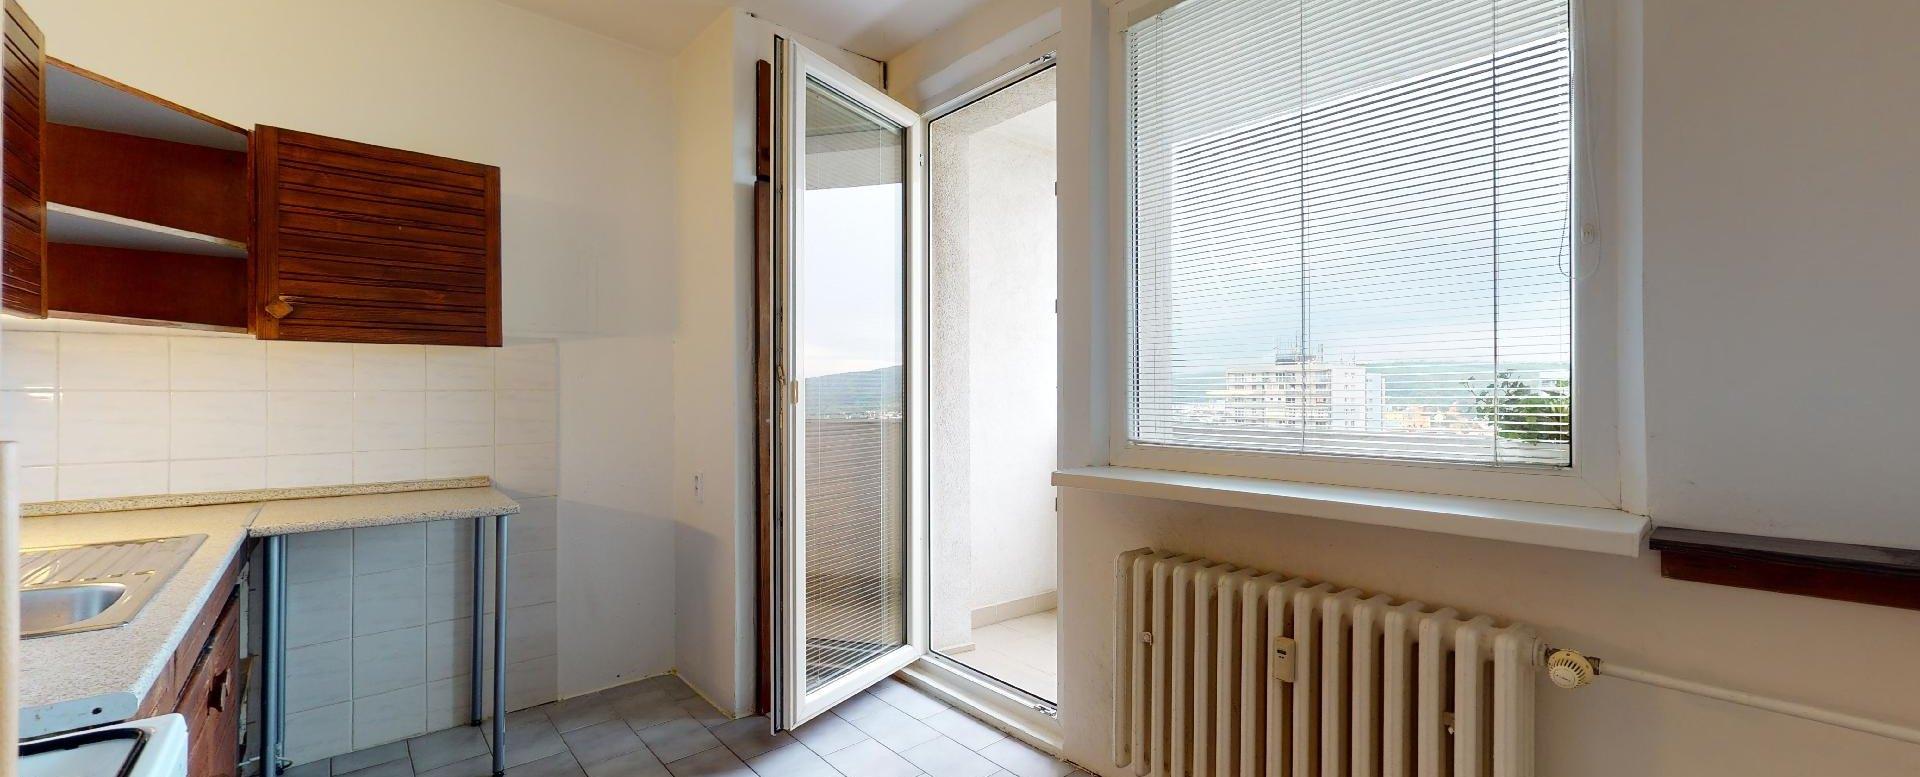 Vstup na lodžiu z kuchyne v 2-izbovom byte na Považanovej ulici v Dúbravke